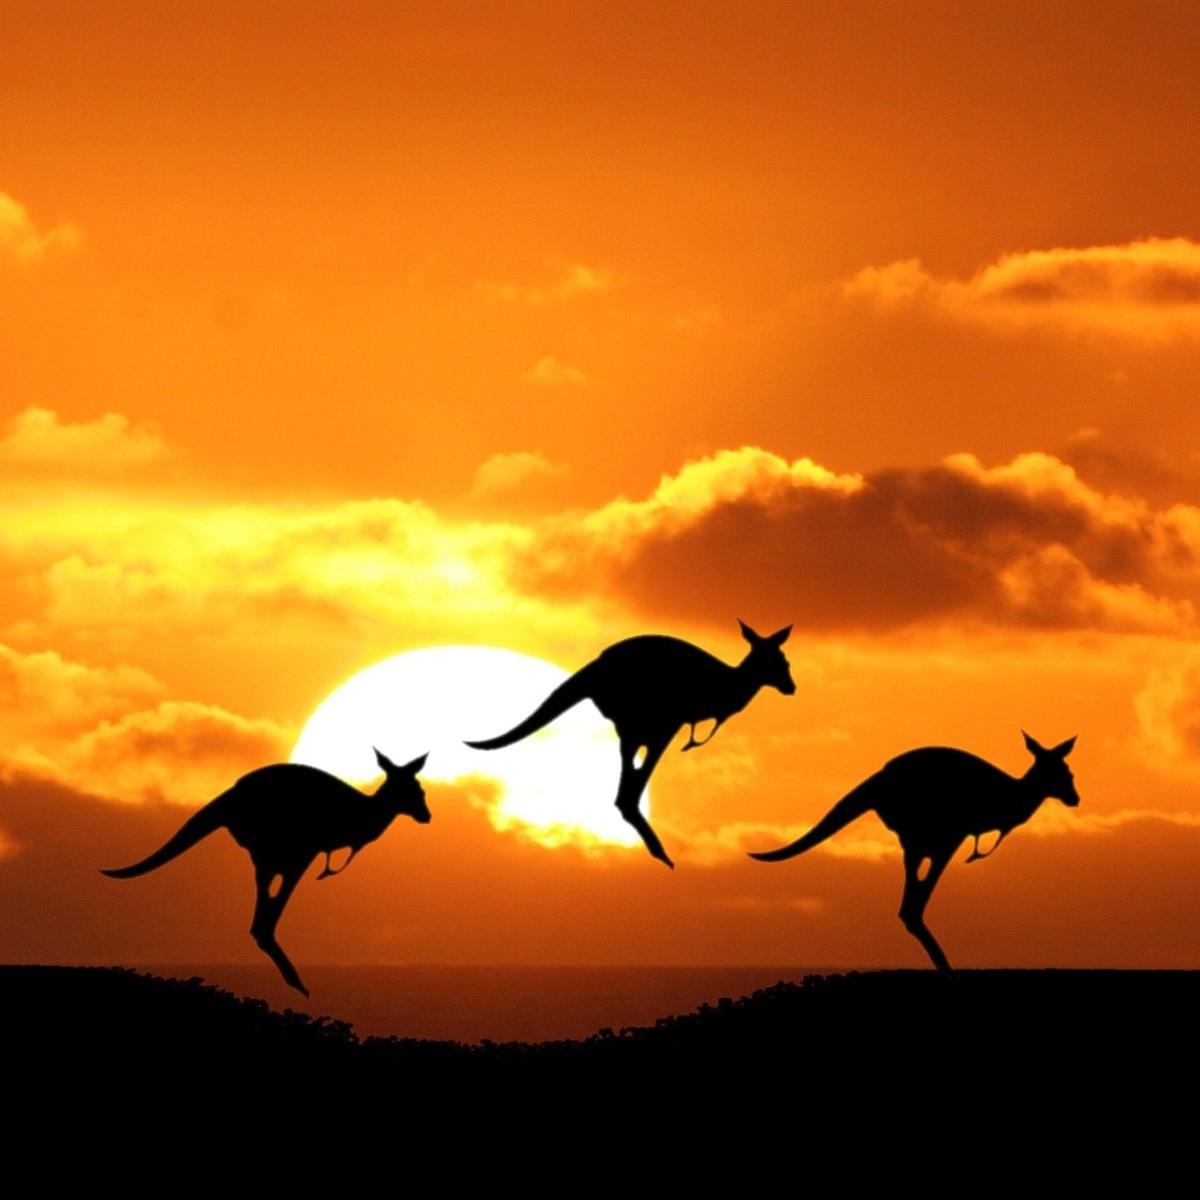 Flüge nach Australien und Neuseeland (Sydney, Brisbane, Auckland, Melbourne, Perth) ab 571€ inkl. Gepäck Hin und Zurück von Amsterdam